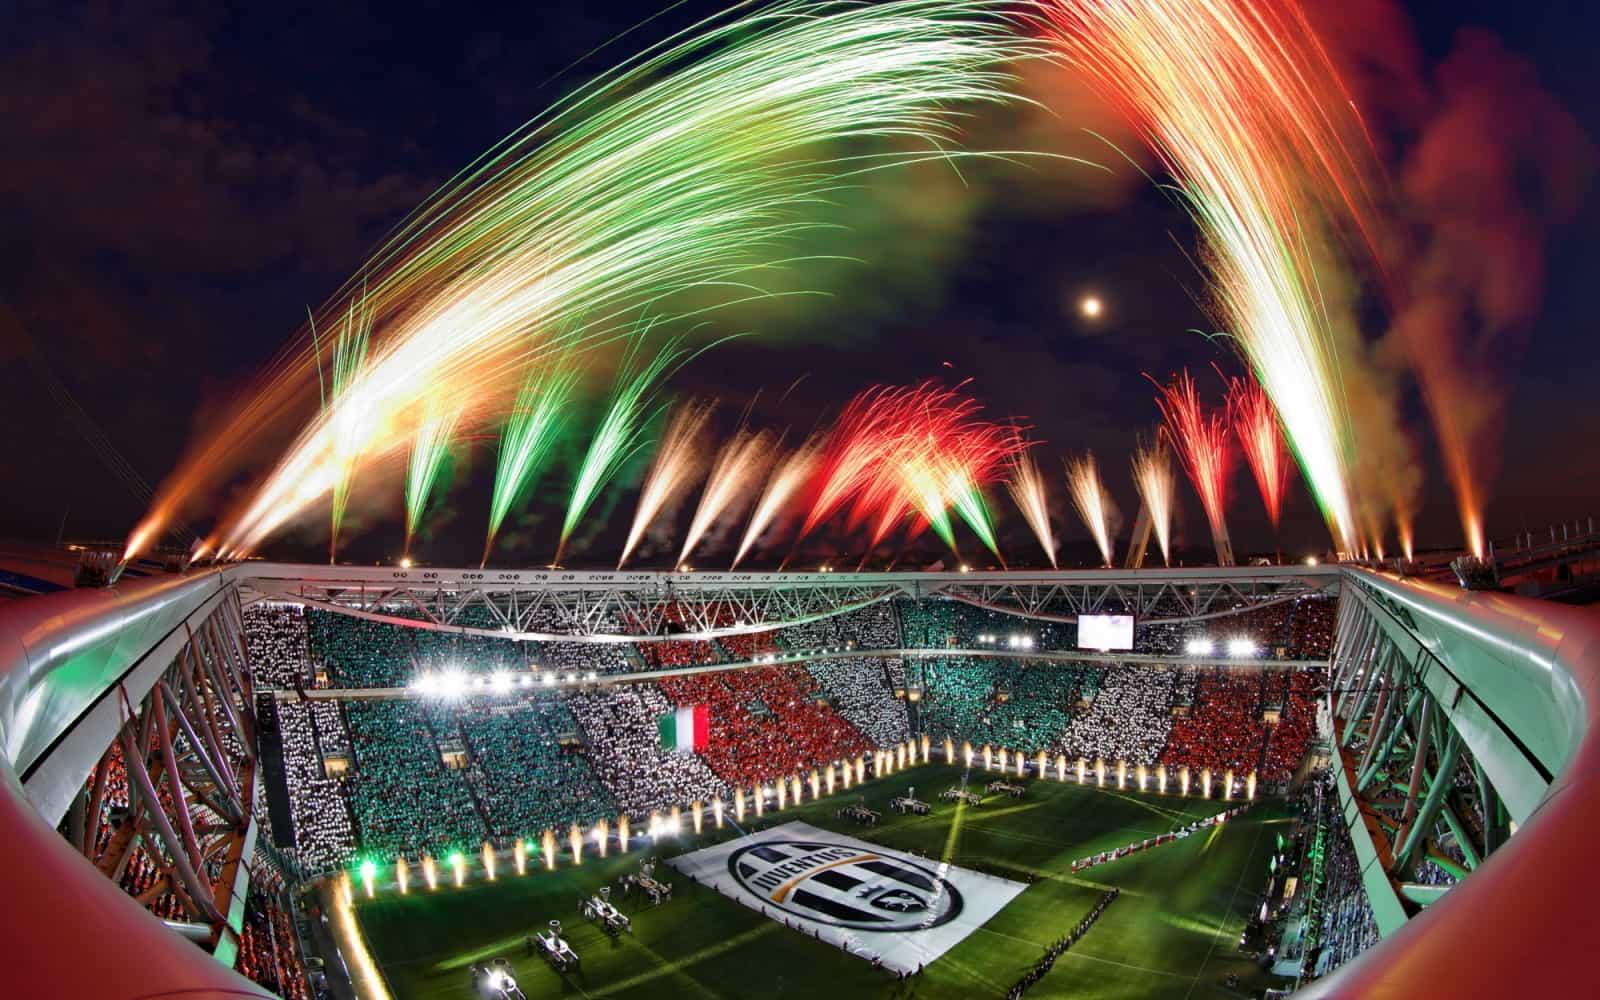 I lavori di costruzione dello Juventus Stadium